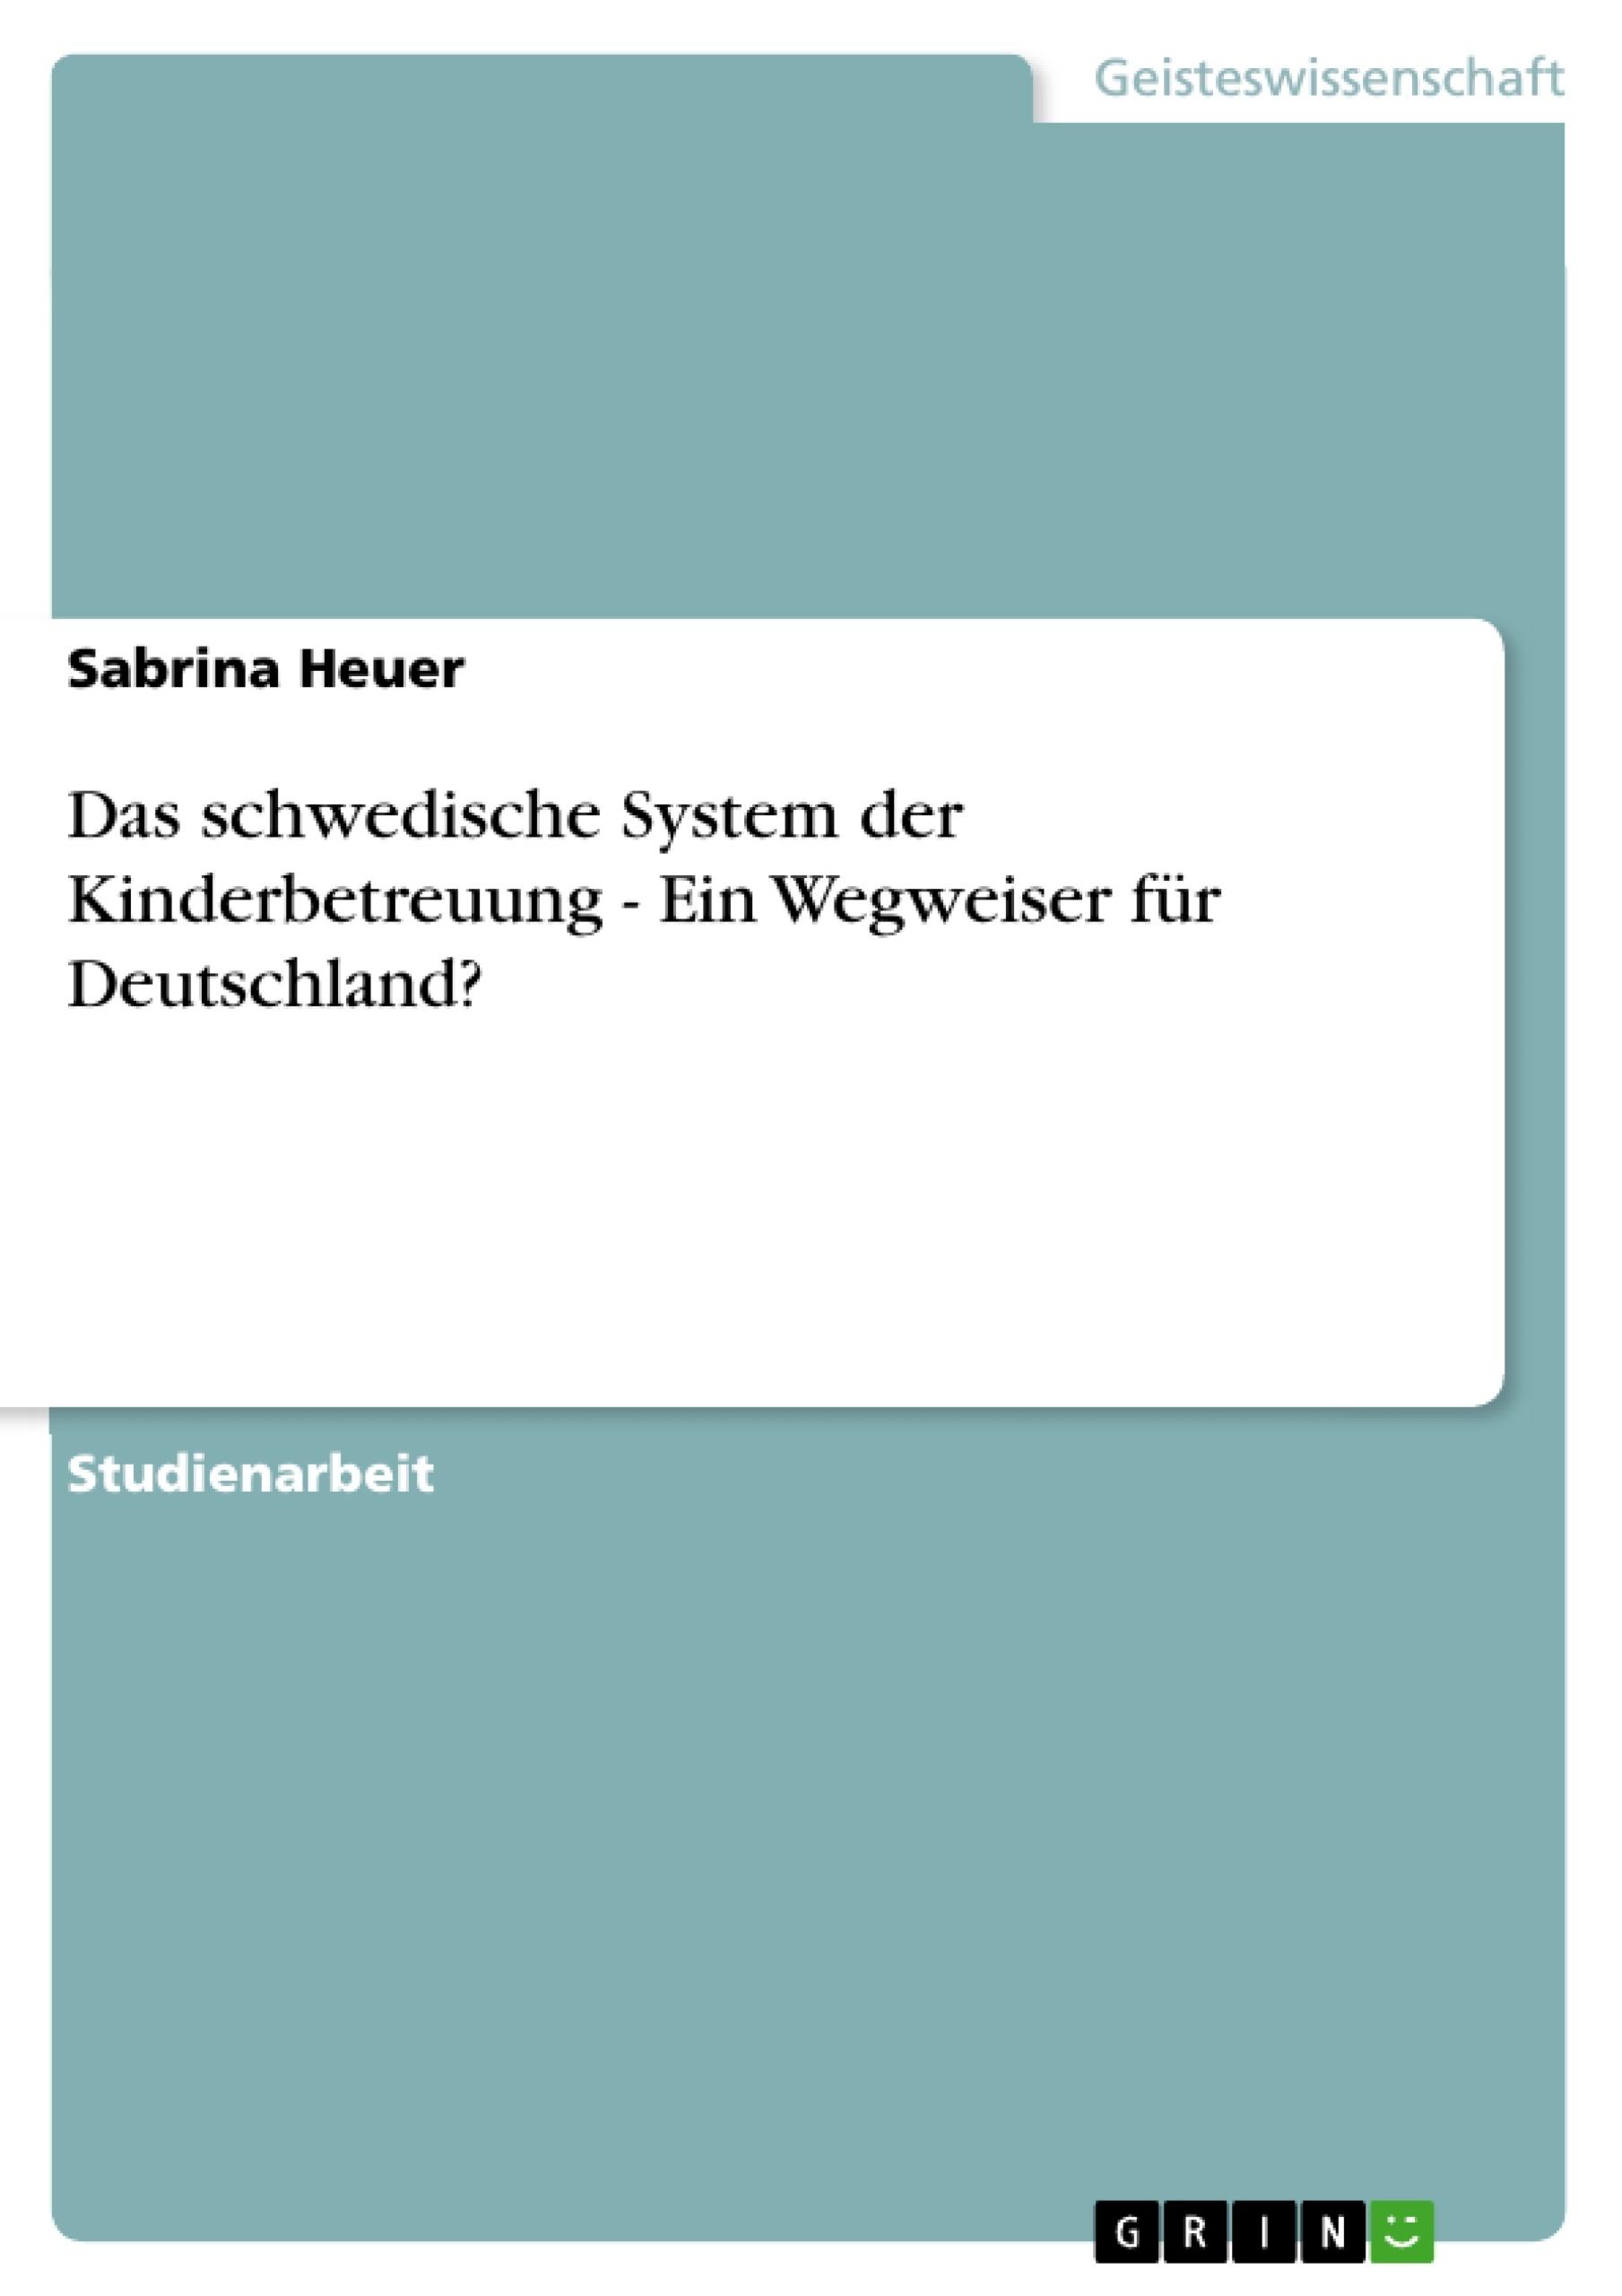 Titel: Das schwedische System der Kinderbetreuung - Ein Wegweiser für Deutschland?